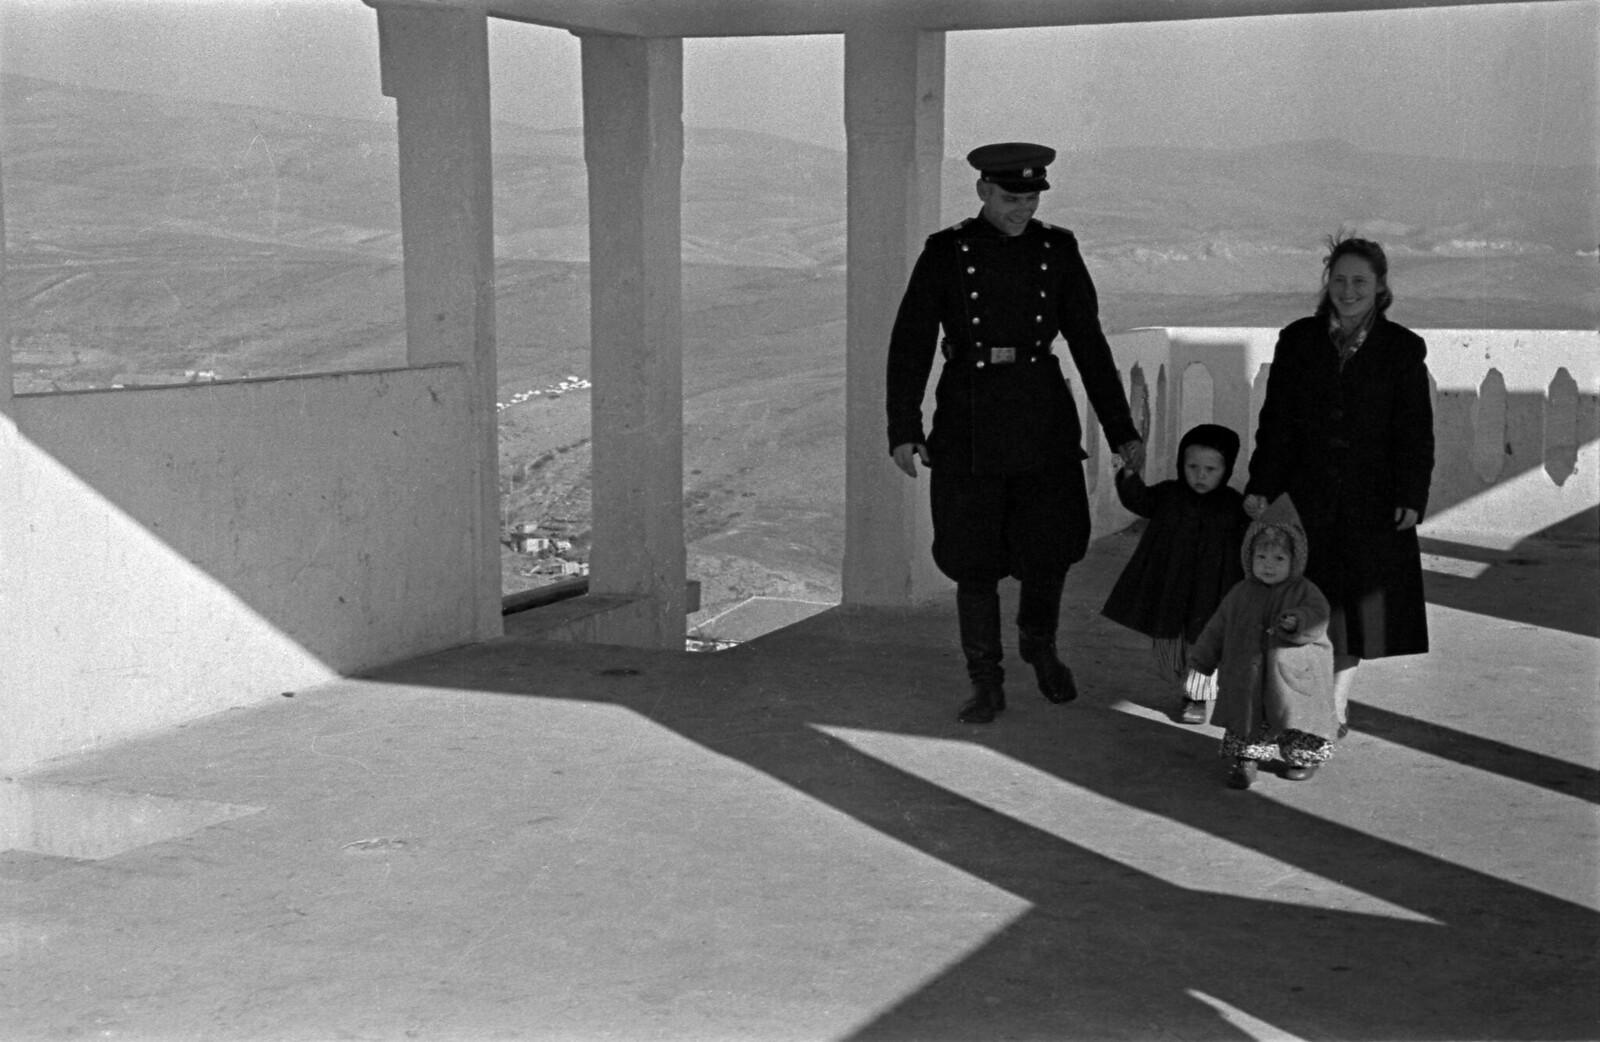 1955. Семейная идиллия, Серноводск, Чечено-Ингушская АССР